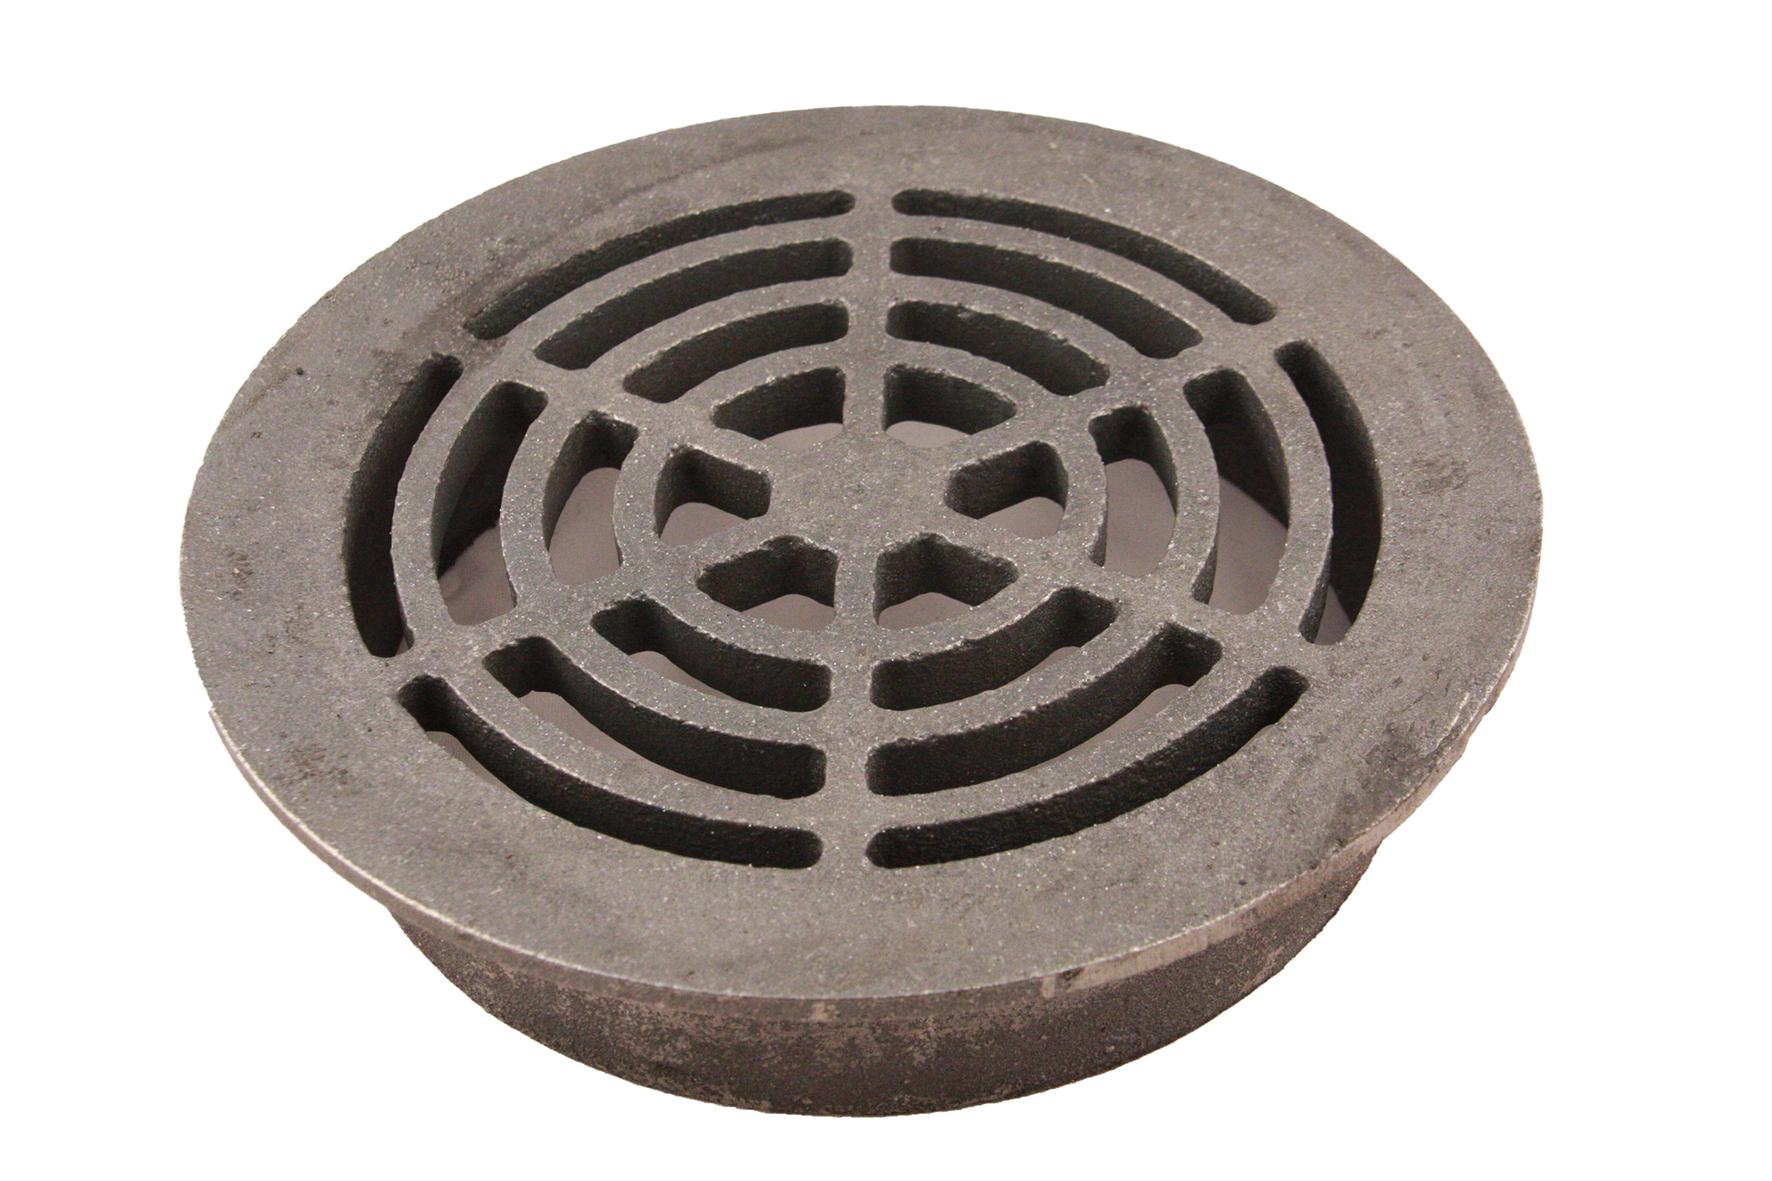 grille ronde fonte pour tuyaux pvc achat en ligne ou dans notre magasin. Black Bedroom Furniture Sets. Home Design Ideas